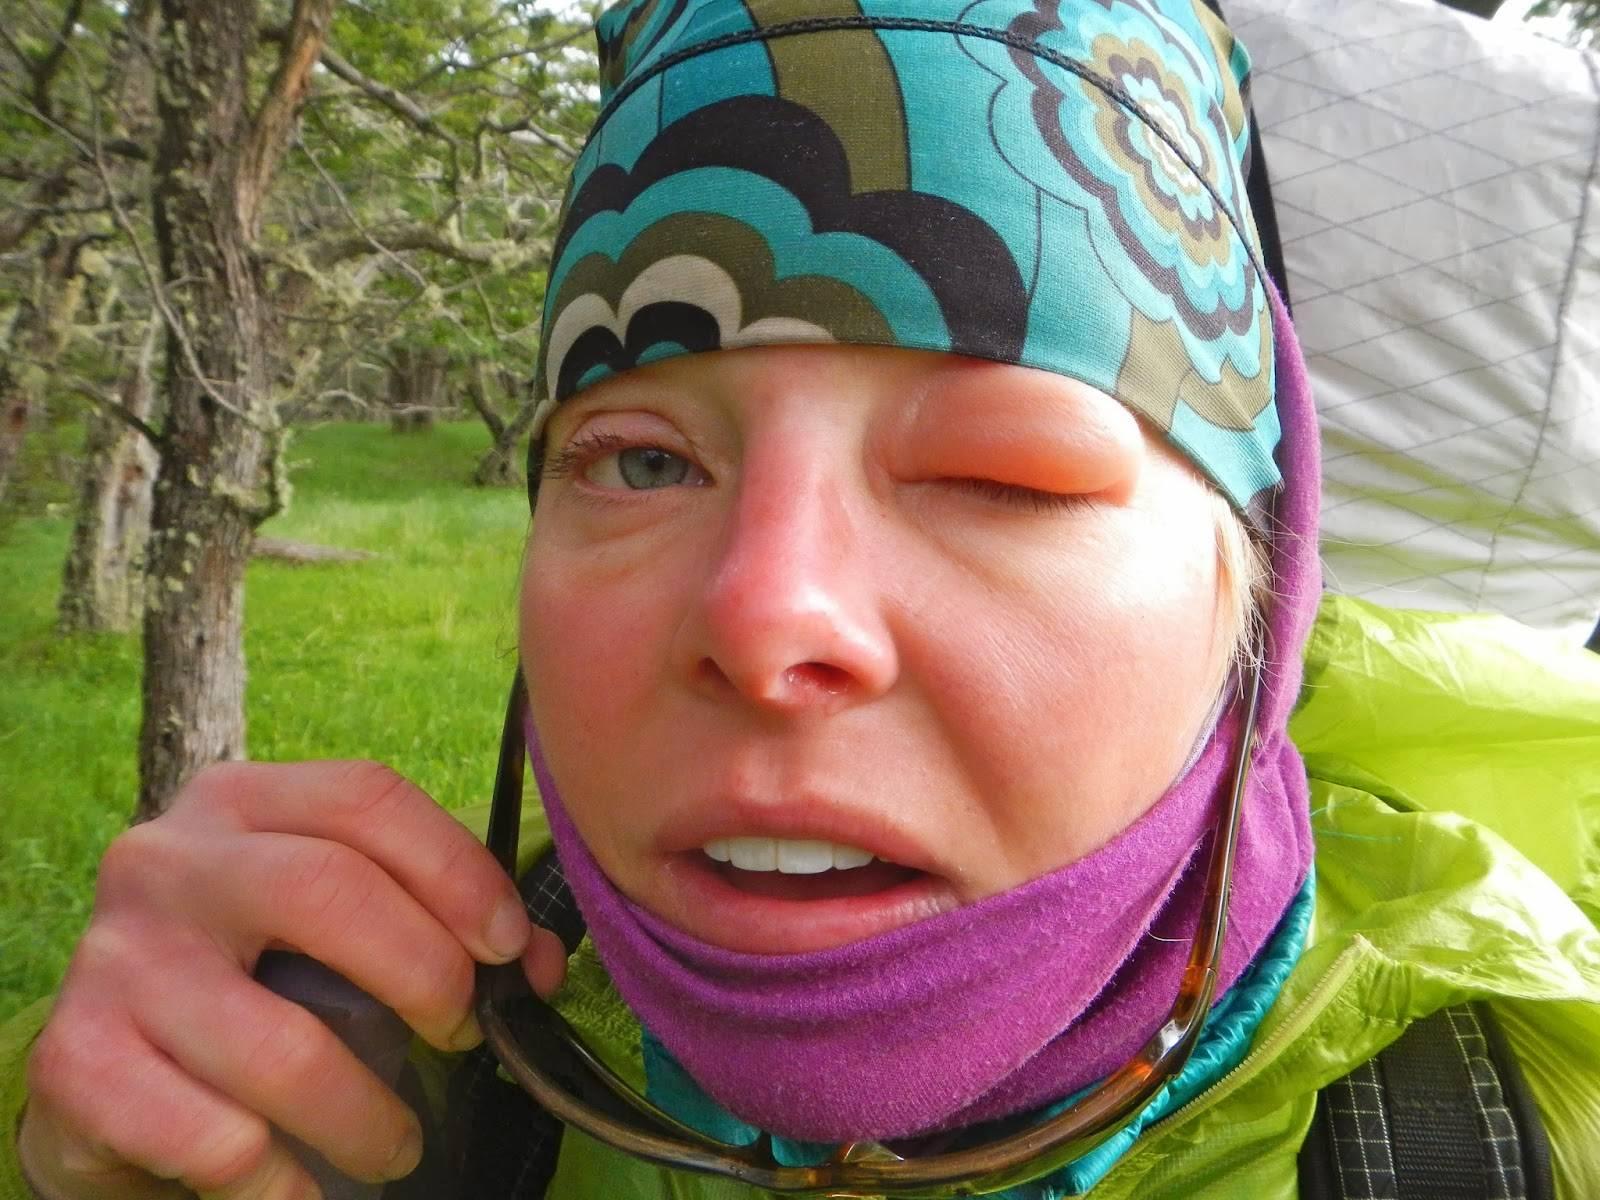 укус мошки в глаз отек лечение